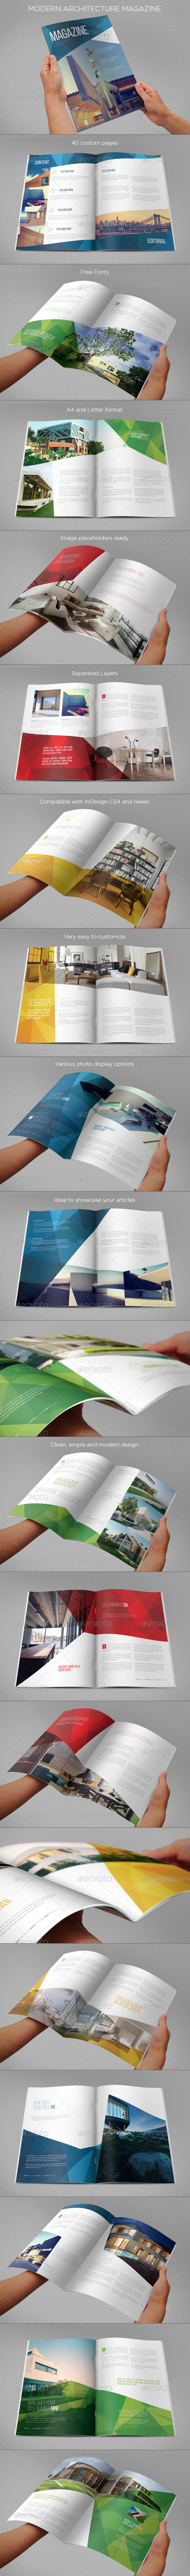 Modern Architecture Magazine by AbraDesign   GraphicRiver